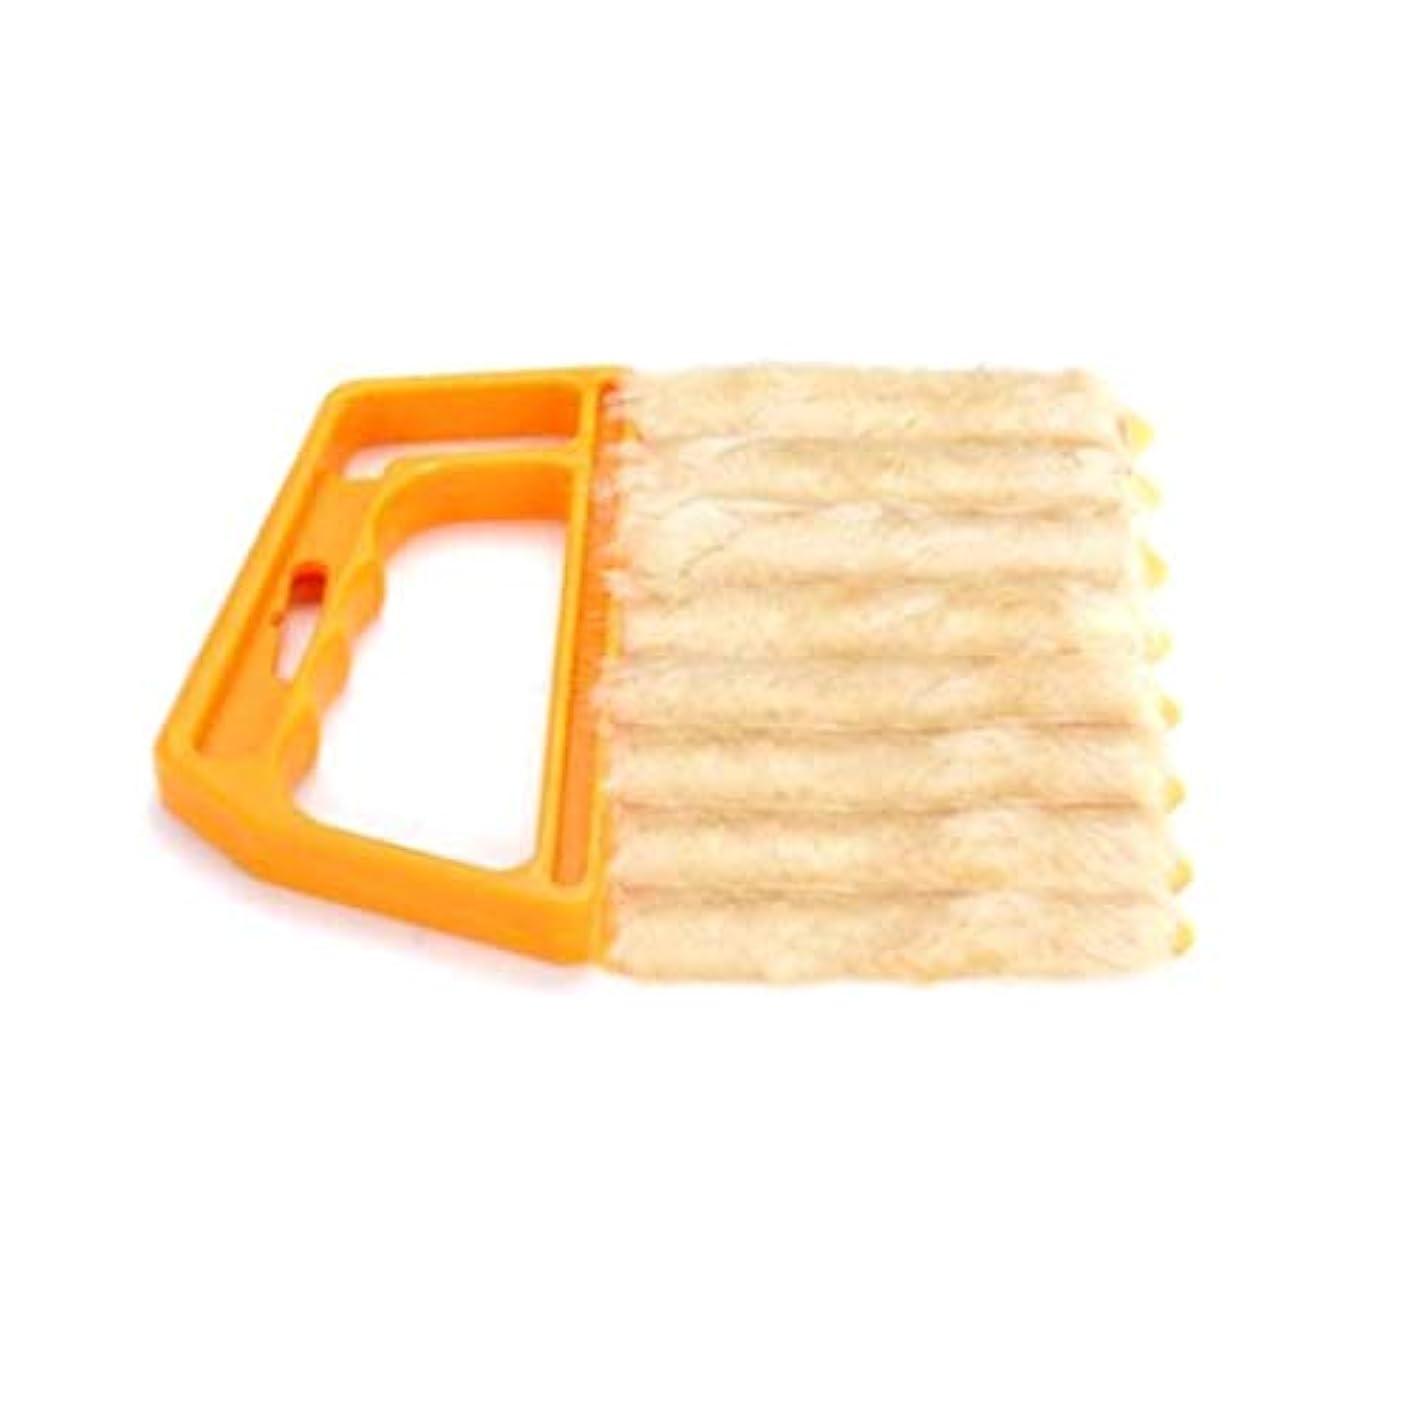 Idoiole ハンドヘルドエアコンシャッター窓ブラインドブラシダストクリーナー家庭用具 ヘアカラーリング用品